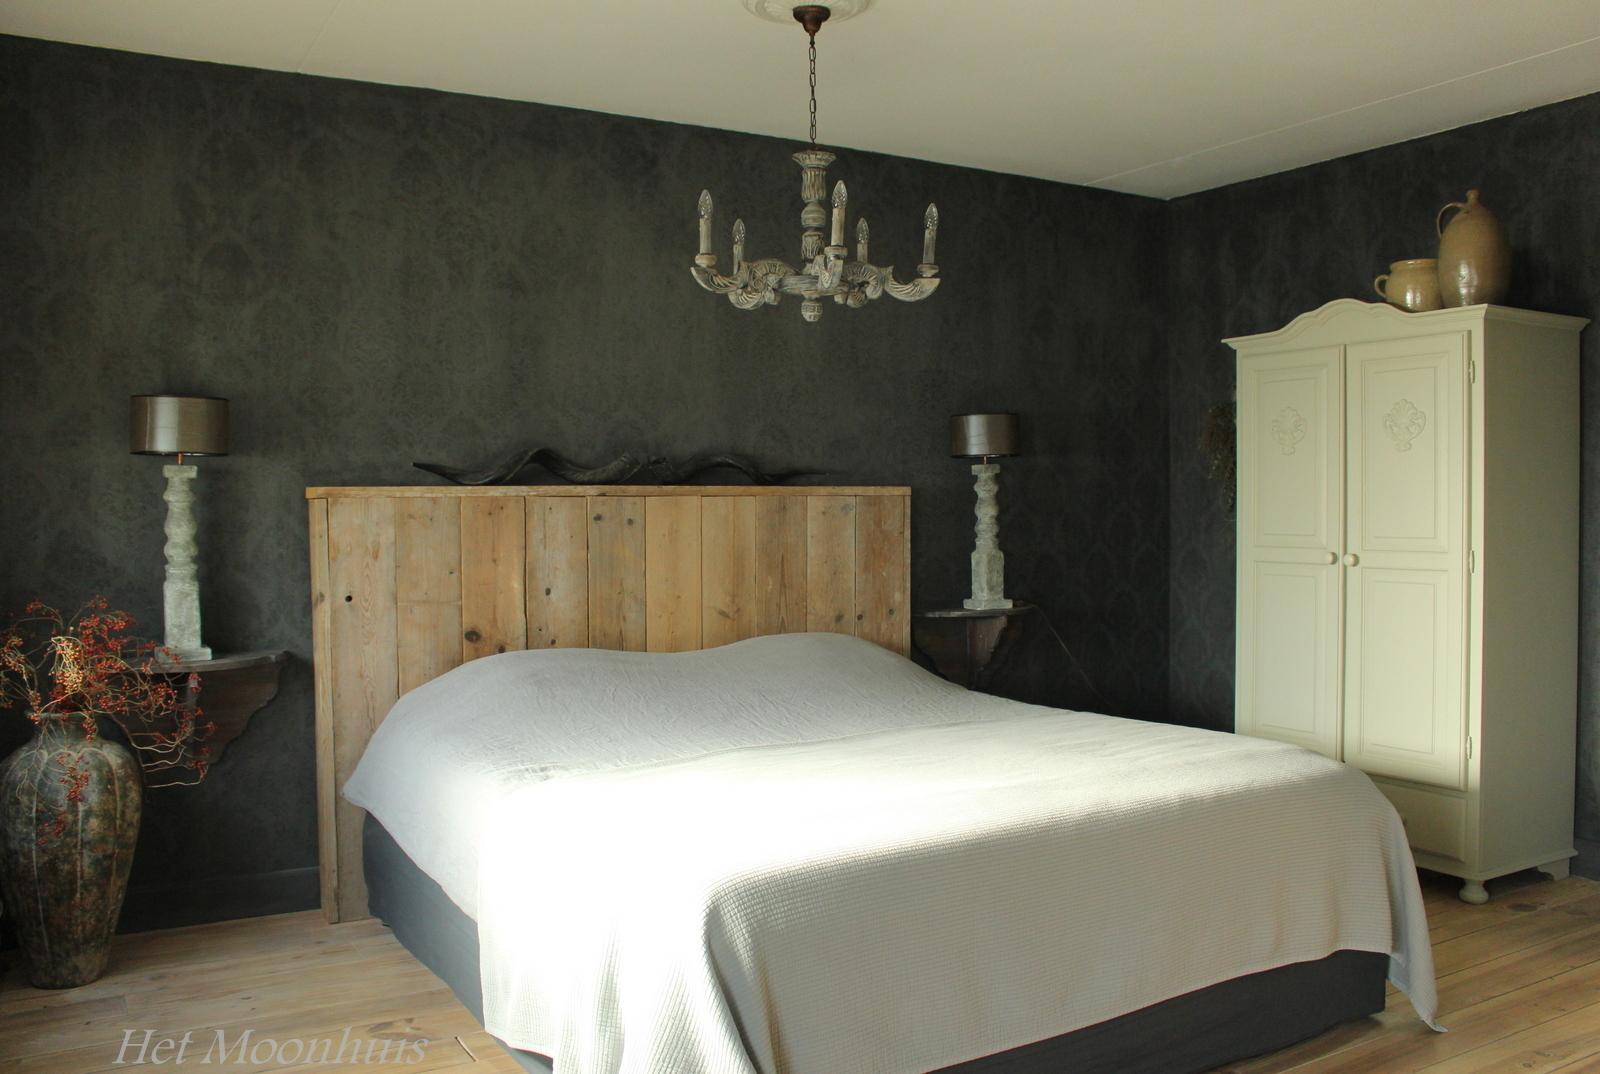 Kleuren Voor Slaapkamer 2013 : Voor de kleuren die gebruikt zijn op ...